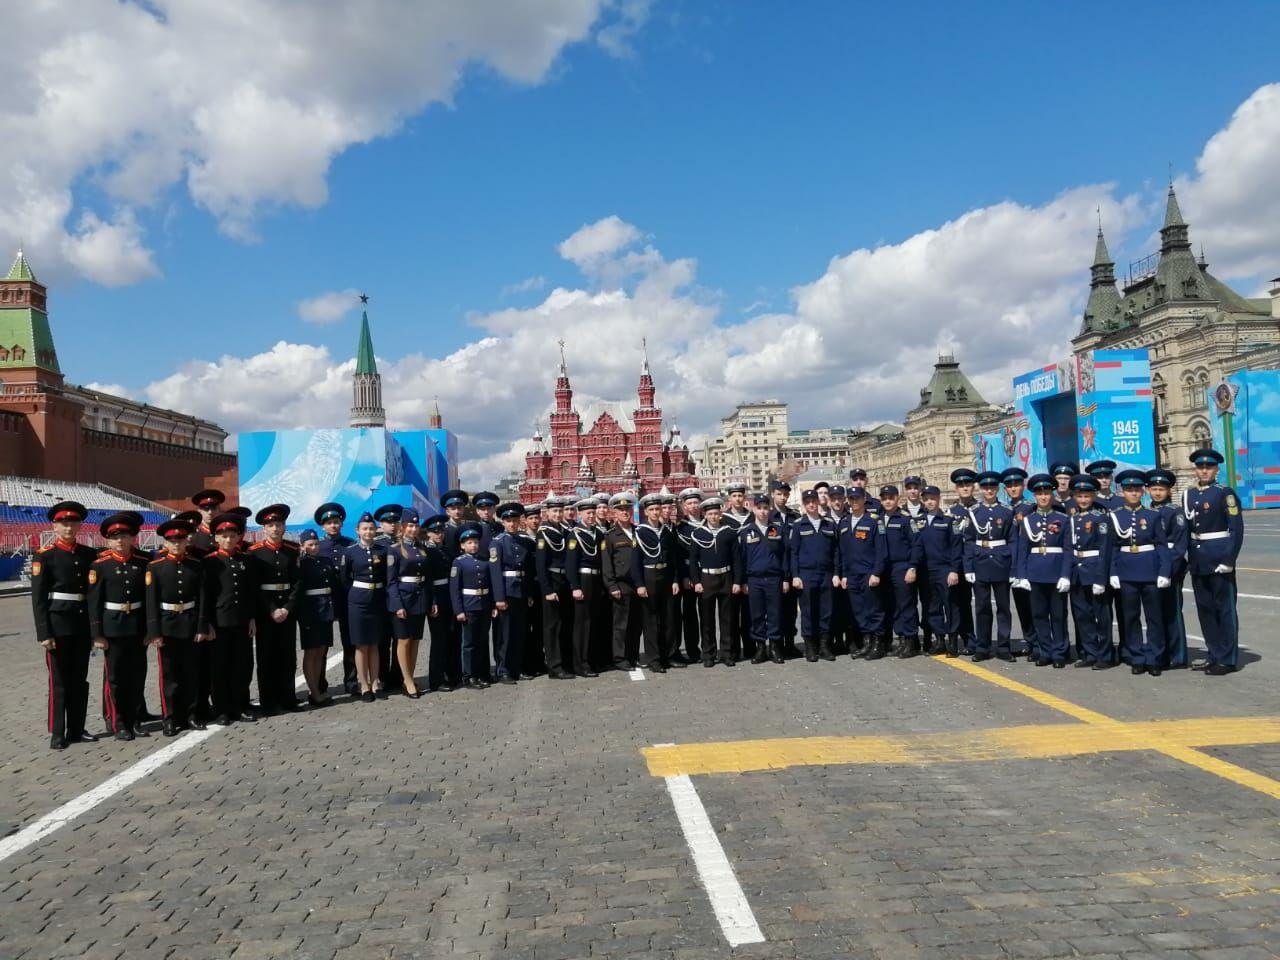 Десять татарстанских кадетов посетили генеральную репетицию парада Победы в Москве